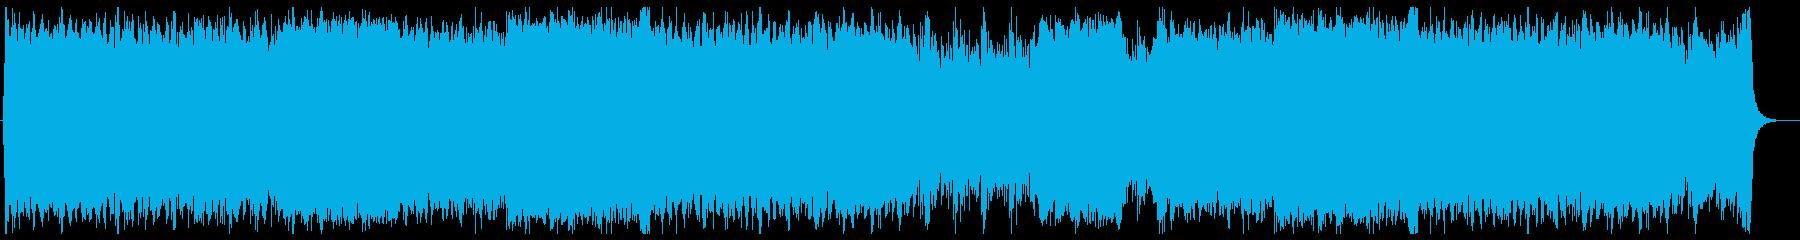 バトルを演出するハリウッド系オーケストラの再生済みの波形